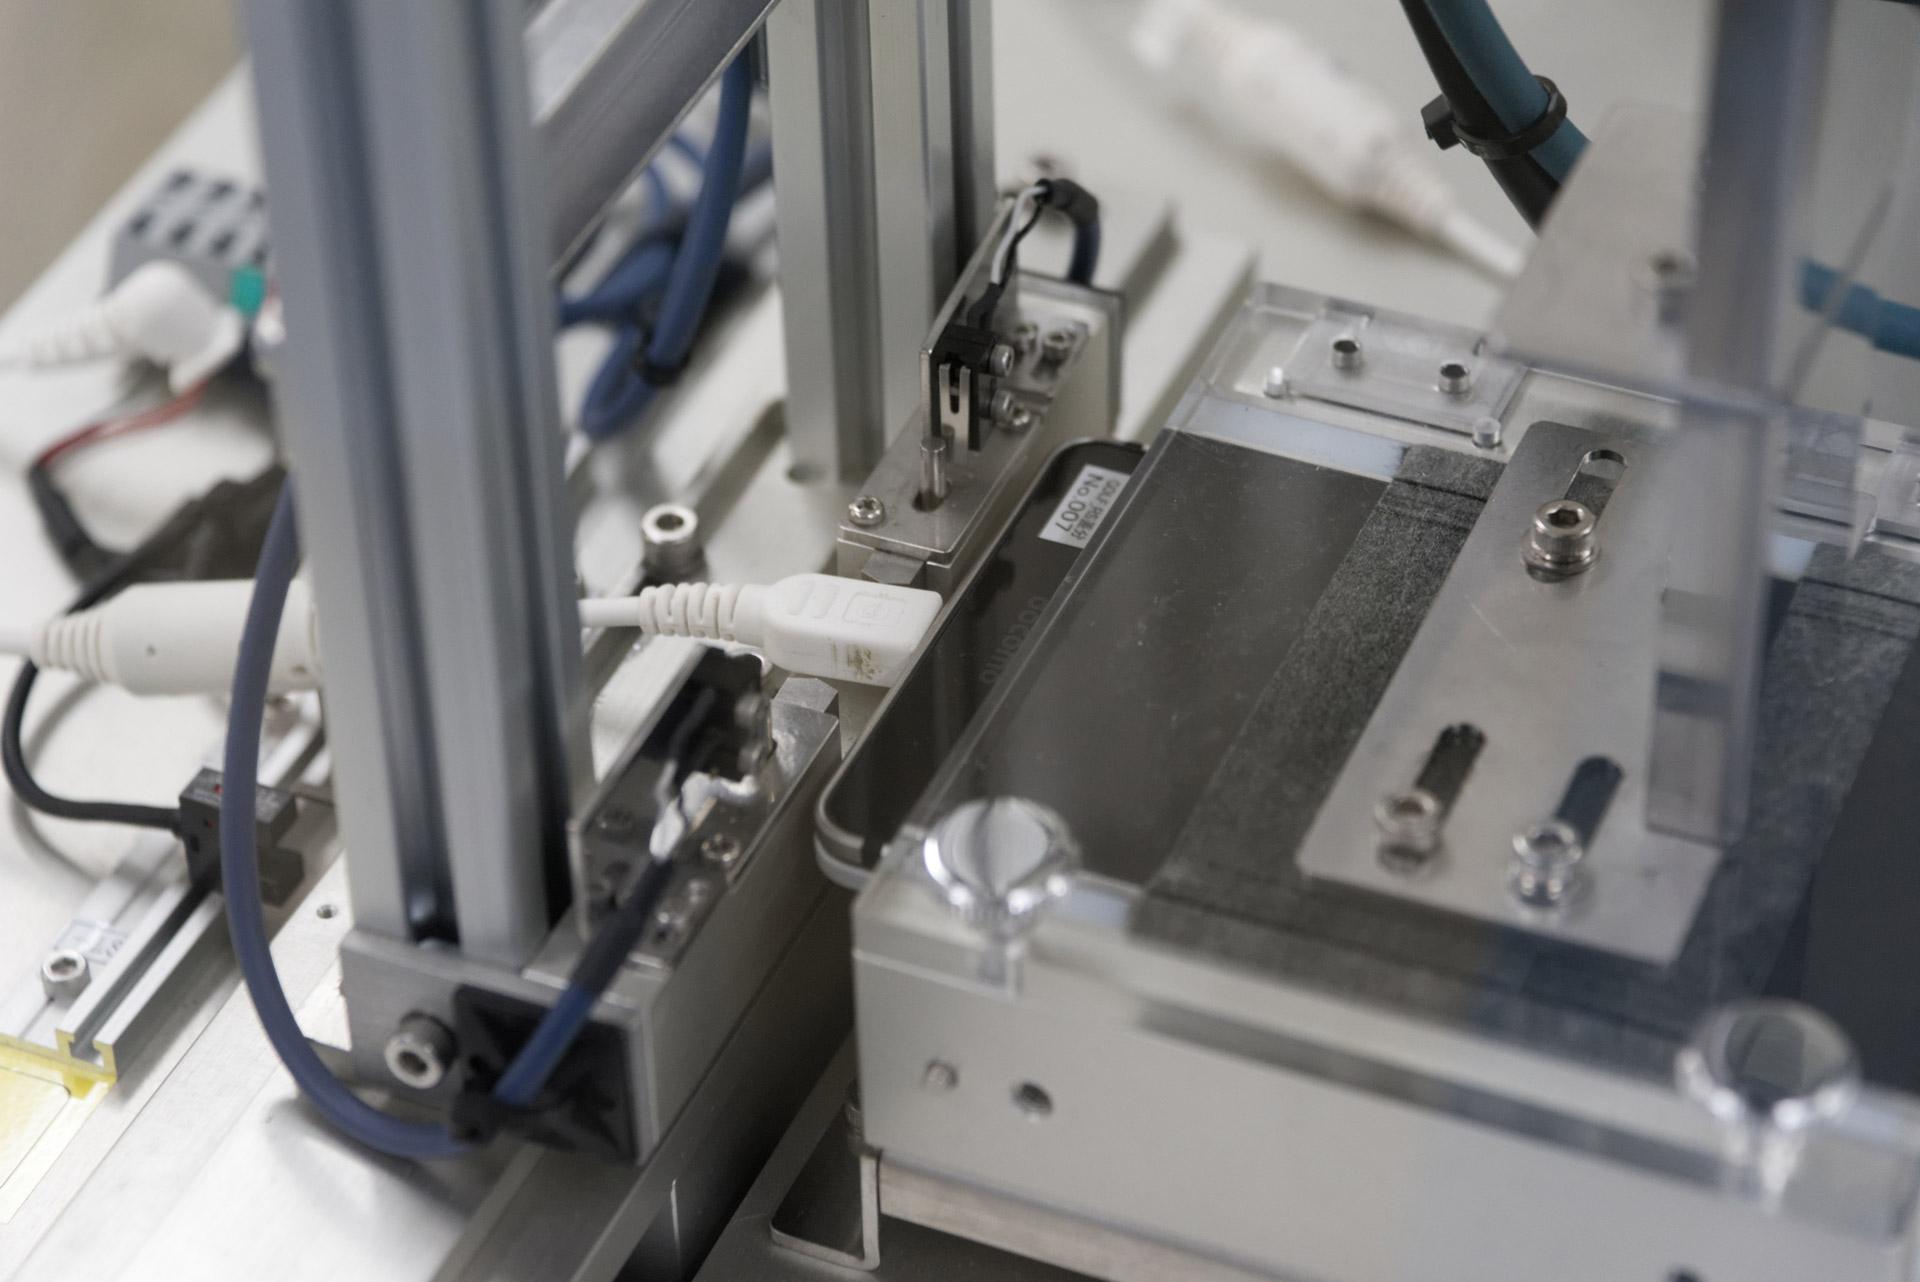 コネクタ耐久試験。USBケーブルを接続した状態で、コネクタの根元に上下および左右方向から2kgの力を5000回ずつ加え、問題ないことを確認する